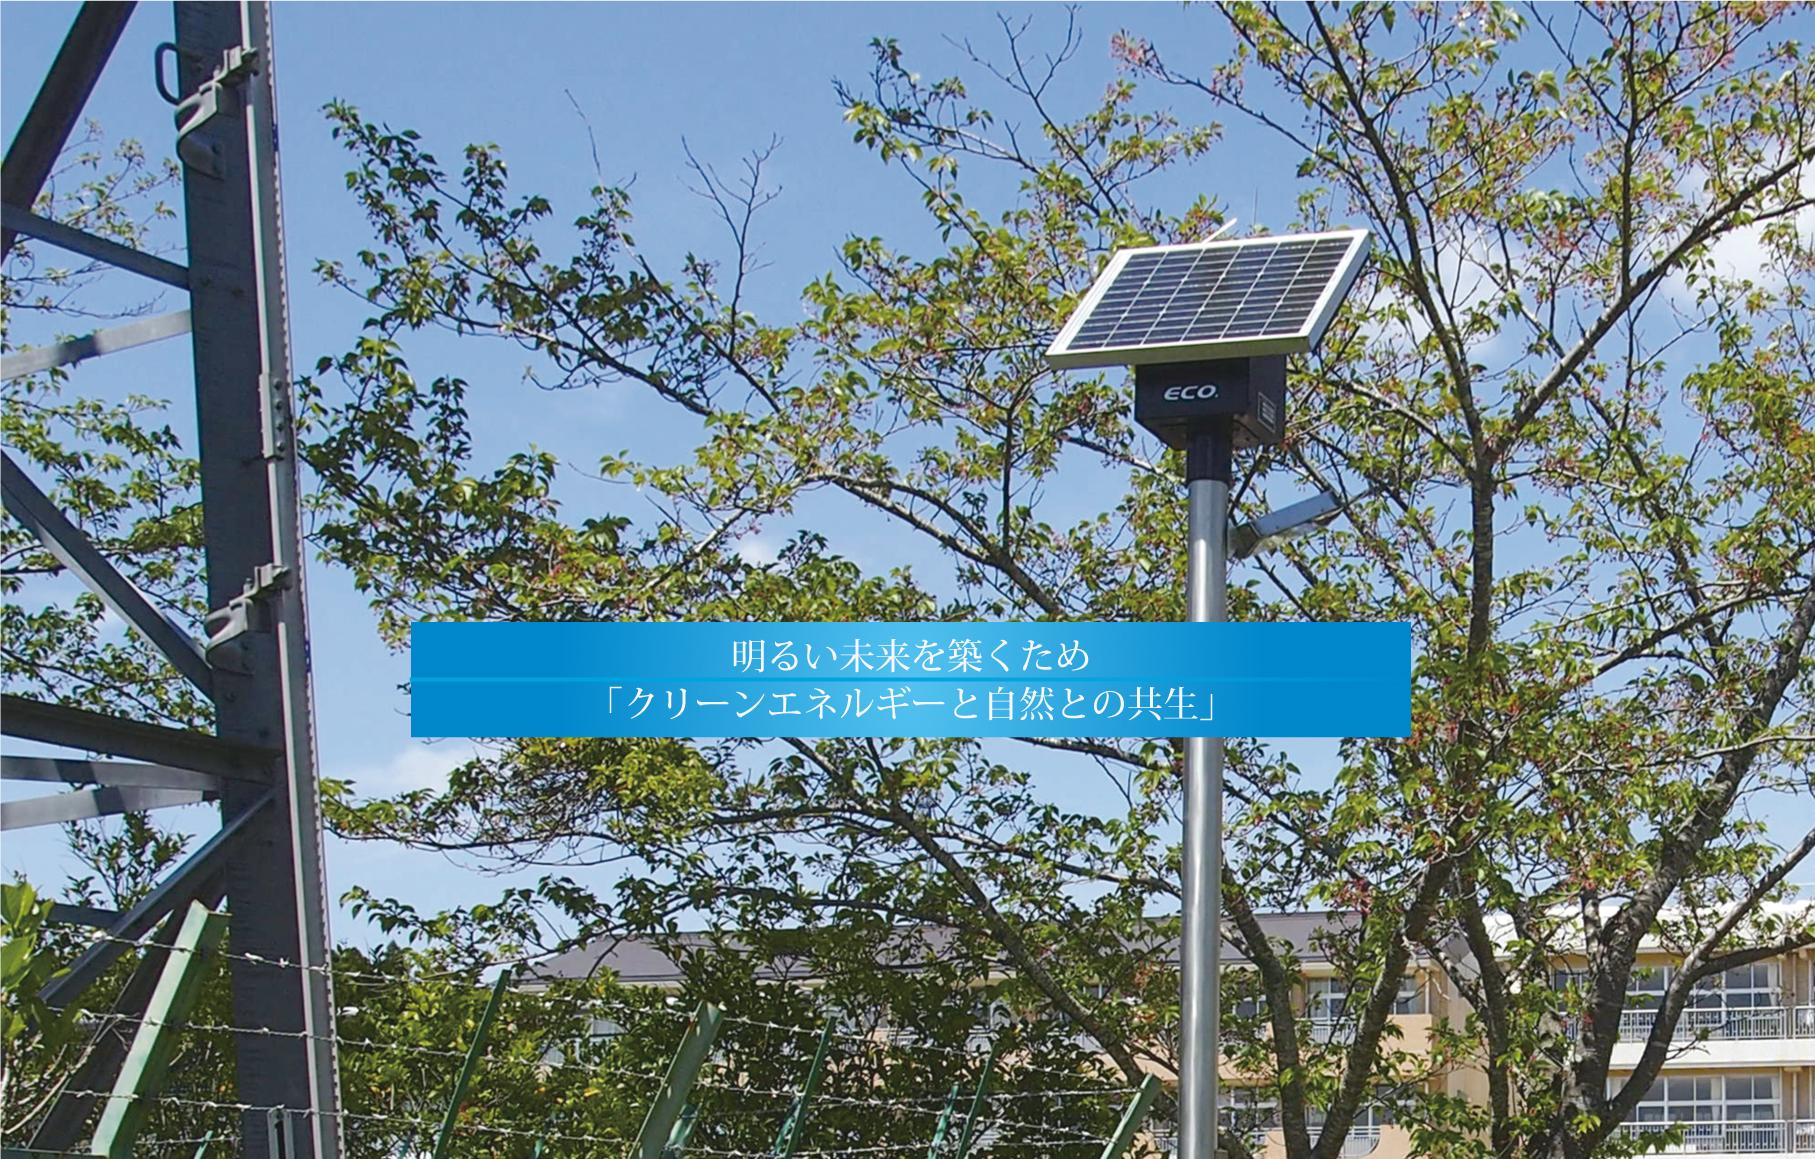 明るい未来を築くため クリーンエネルギーと自然との共生